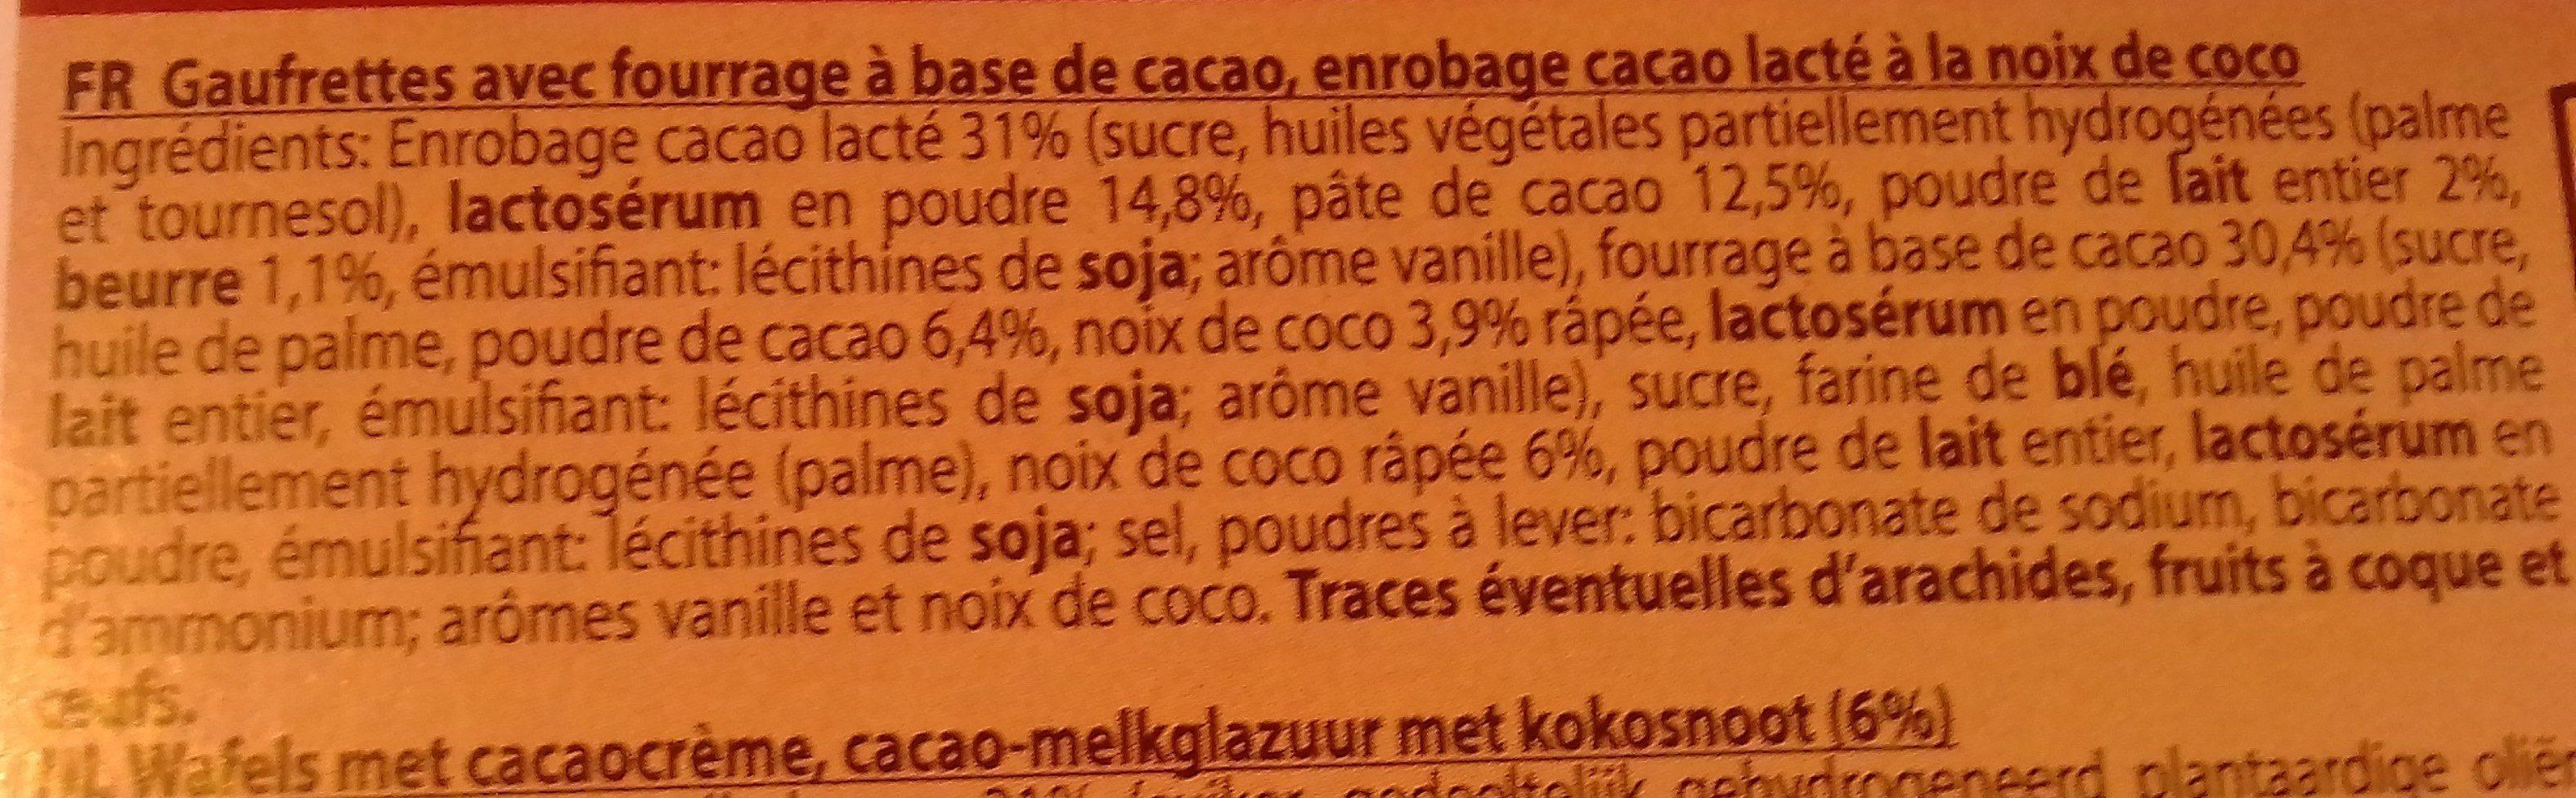 Gaufrettes cacao,noix de coco et glaçage cacao lacté - Ingrédients